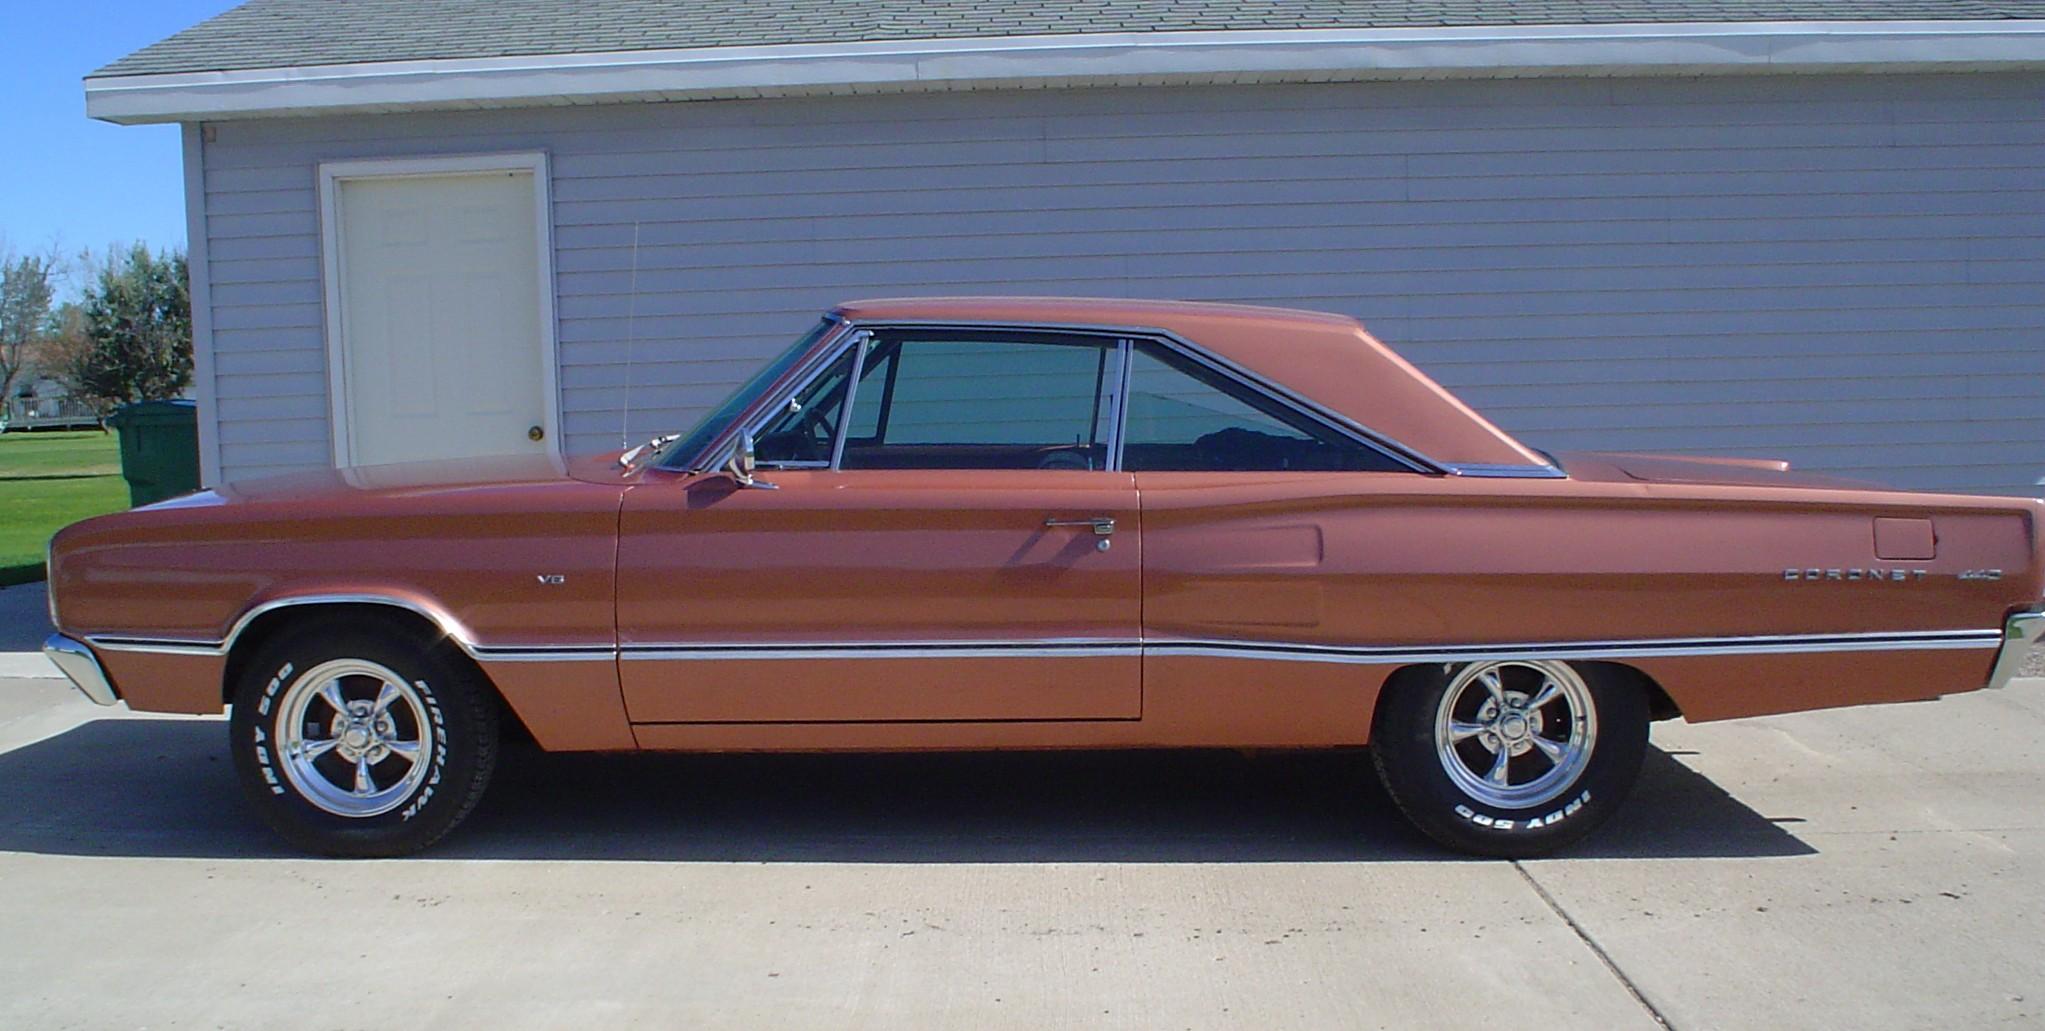 a 1967 Dodge Coronet come